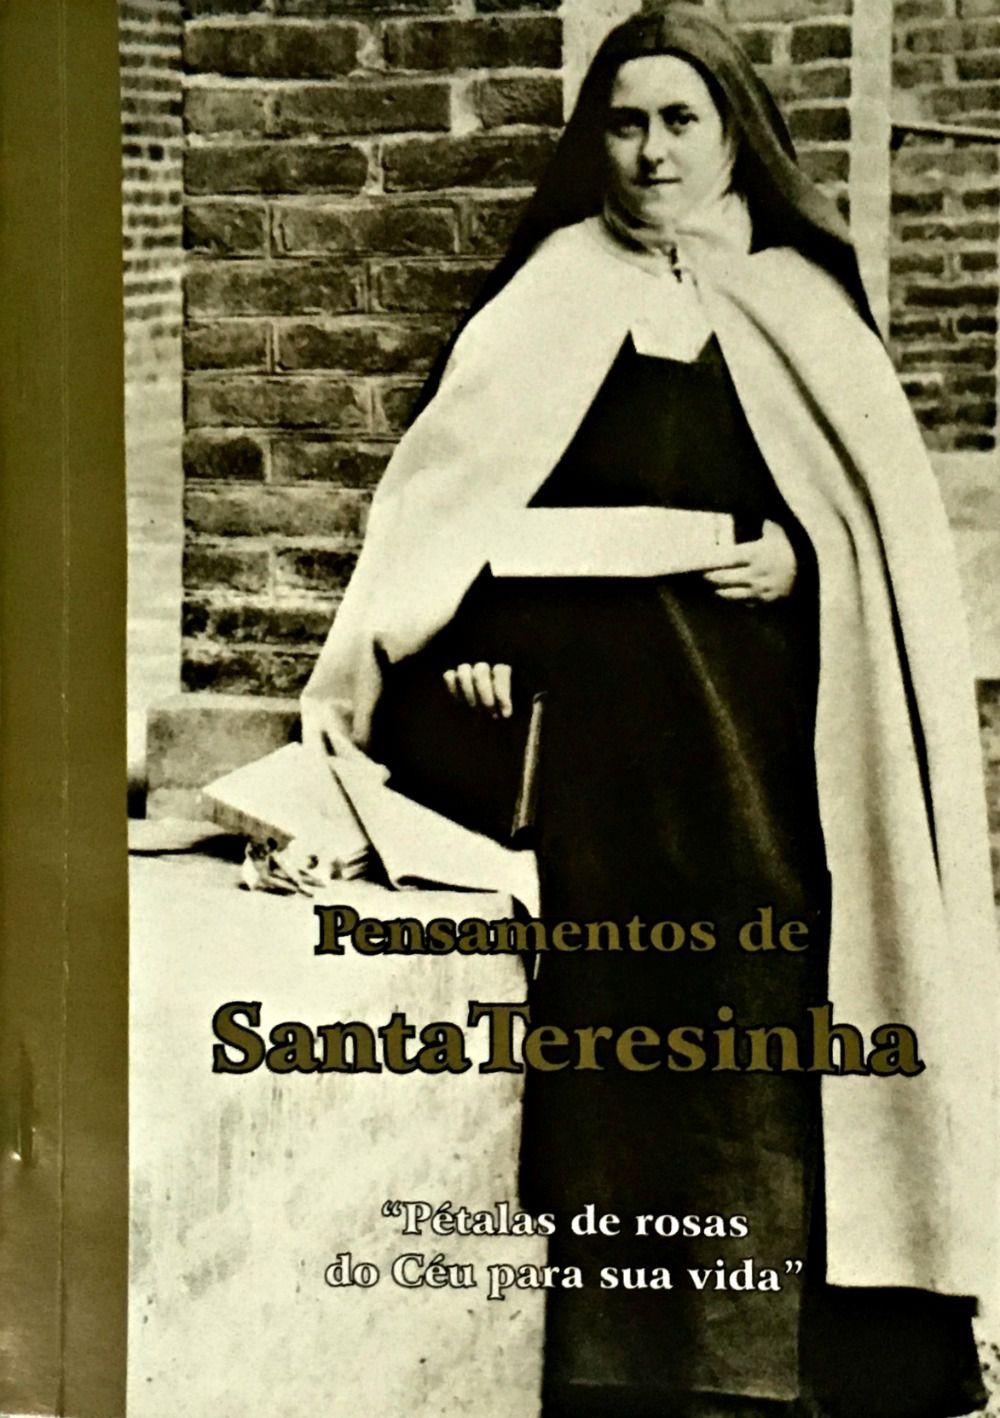 Pensamentos de Santa Teresinha  - Livraria Santa Cruz